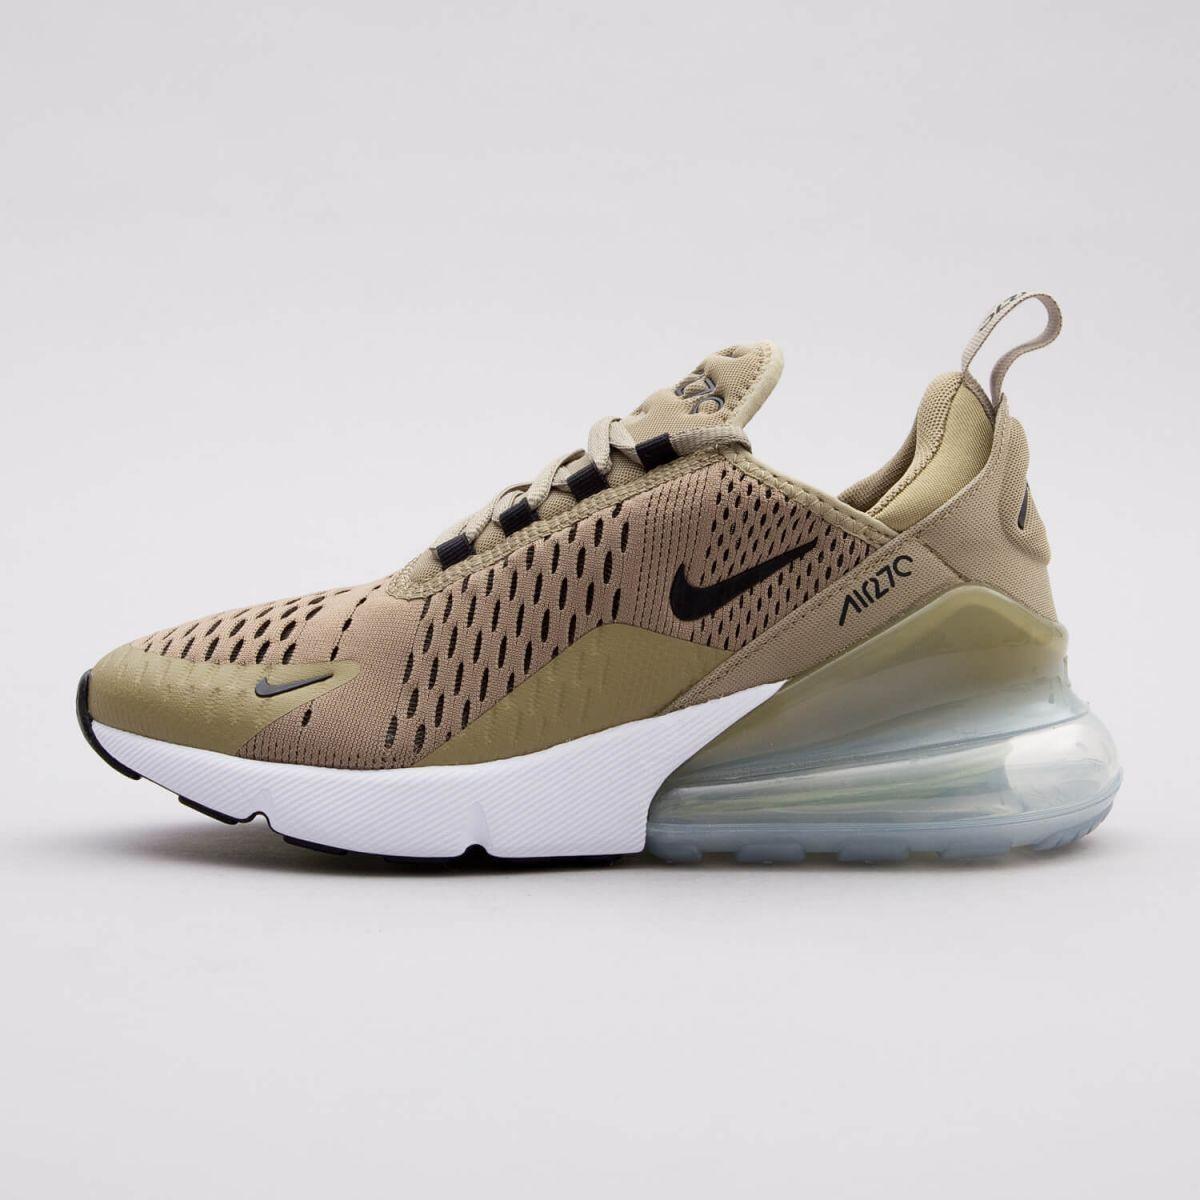 Nike AIR MAX 270 GS 7 Kids 4 5 6 7 GS 8 9 Ragazzi Da Donna Verde Oliva Cachi AH6789-200 .5 2c2c30